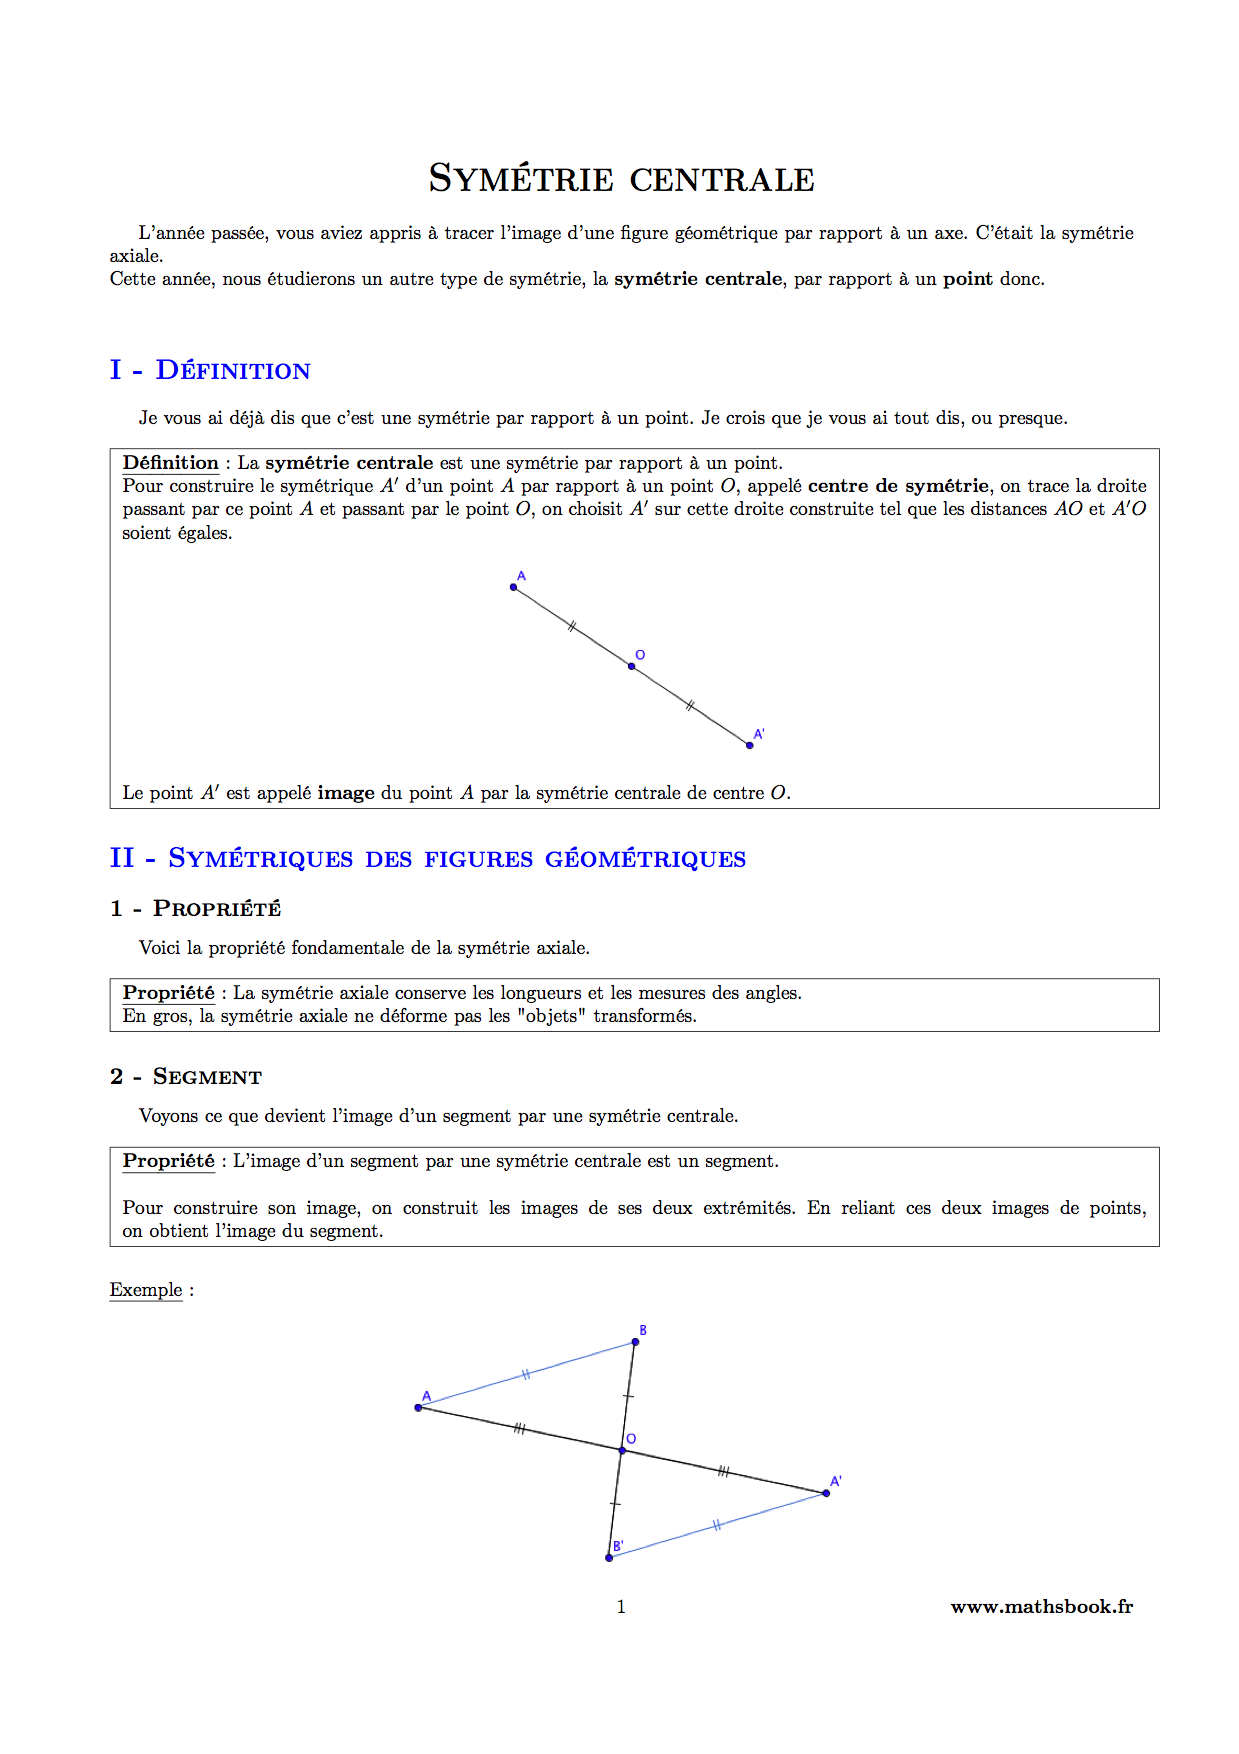 Sym trie centrale cours pdf imprimer maths 5 me - Symetrie a imprimer ...